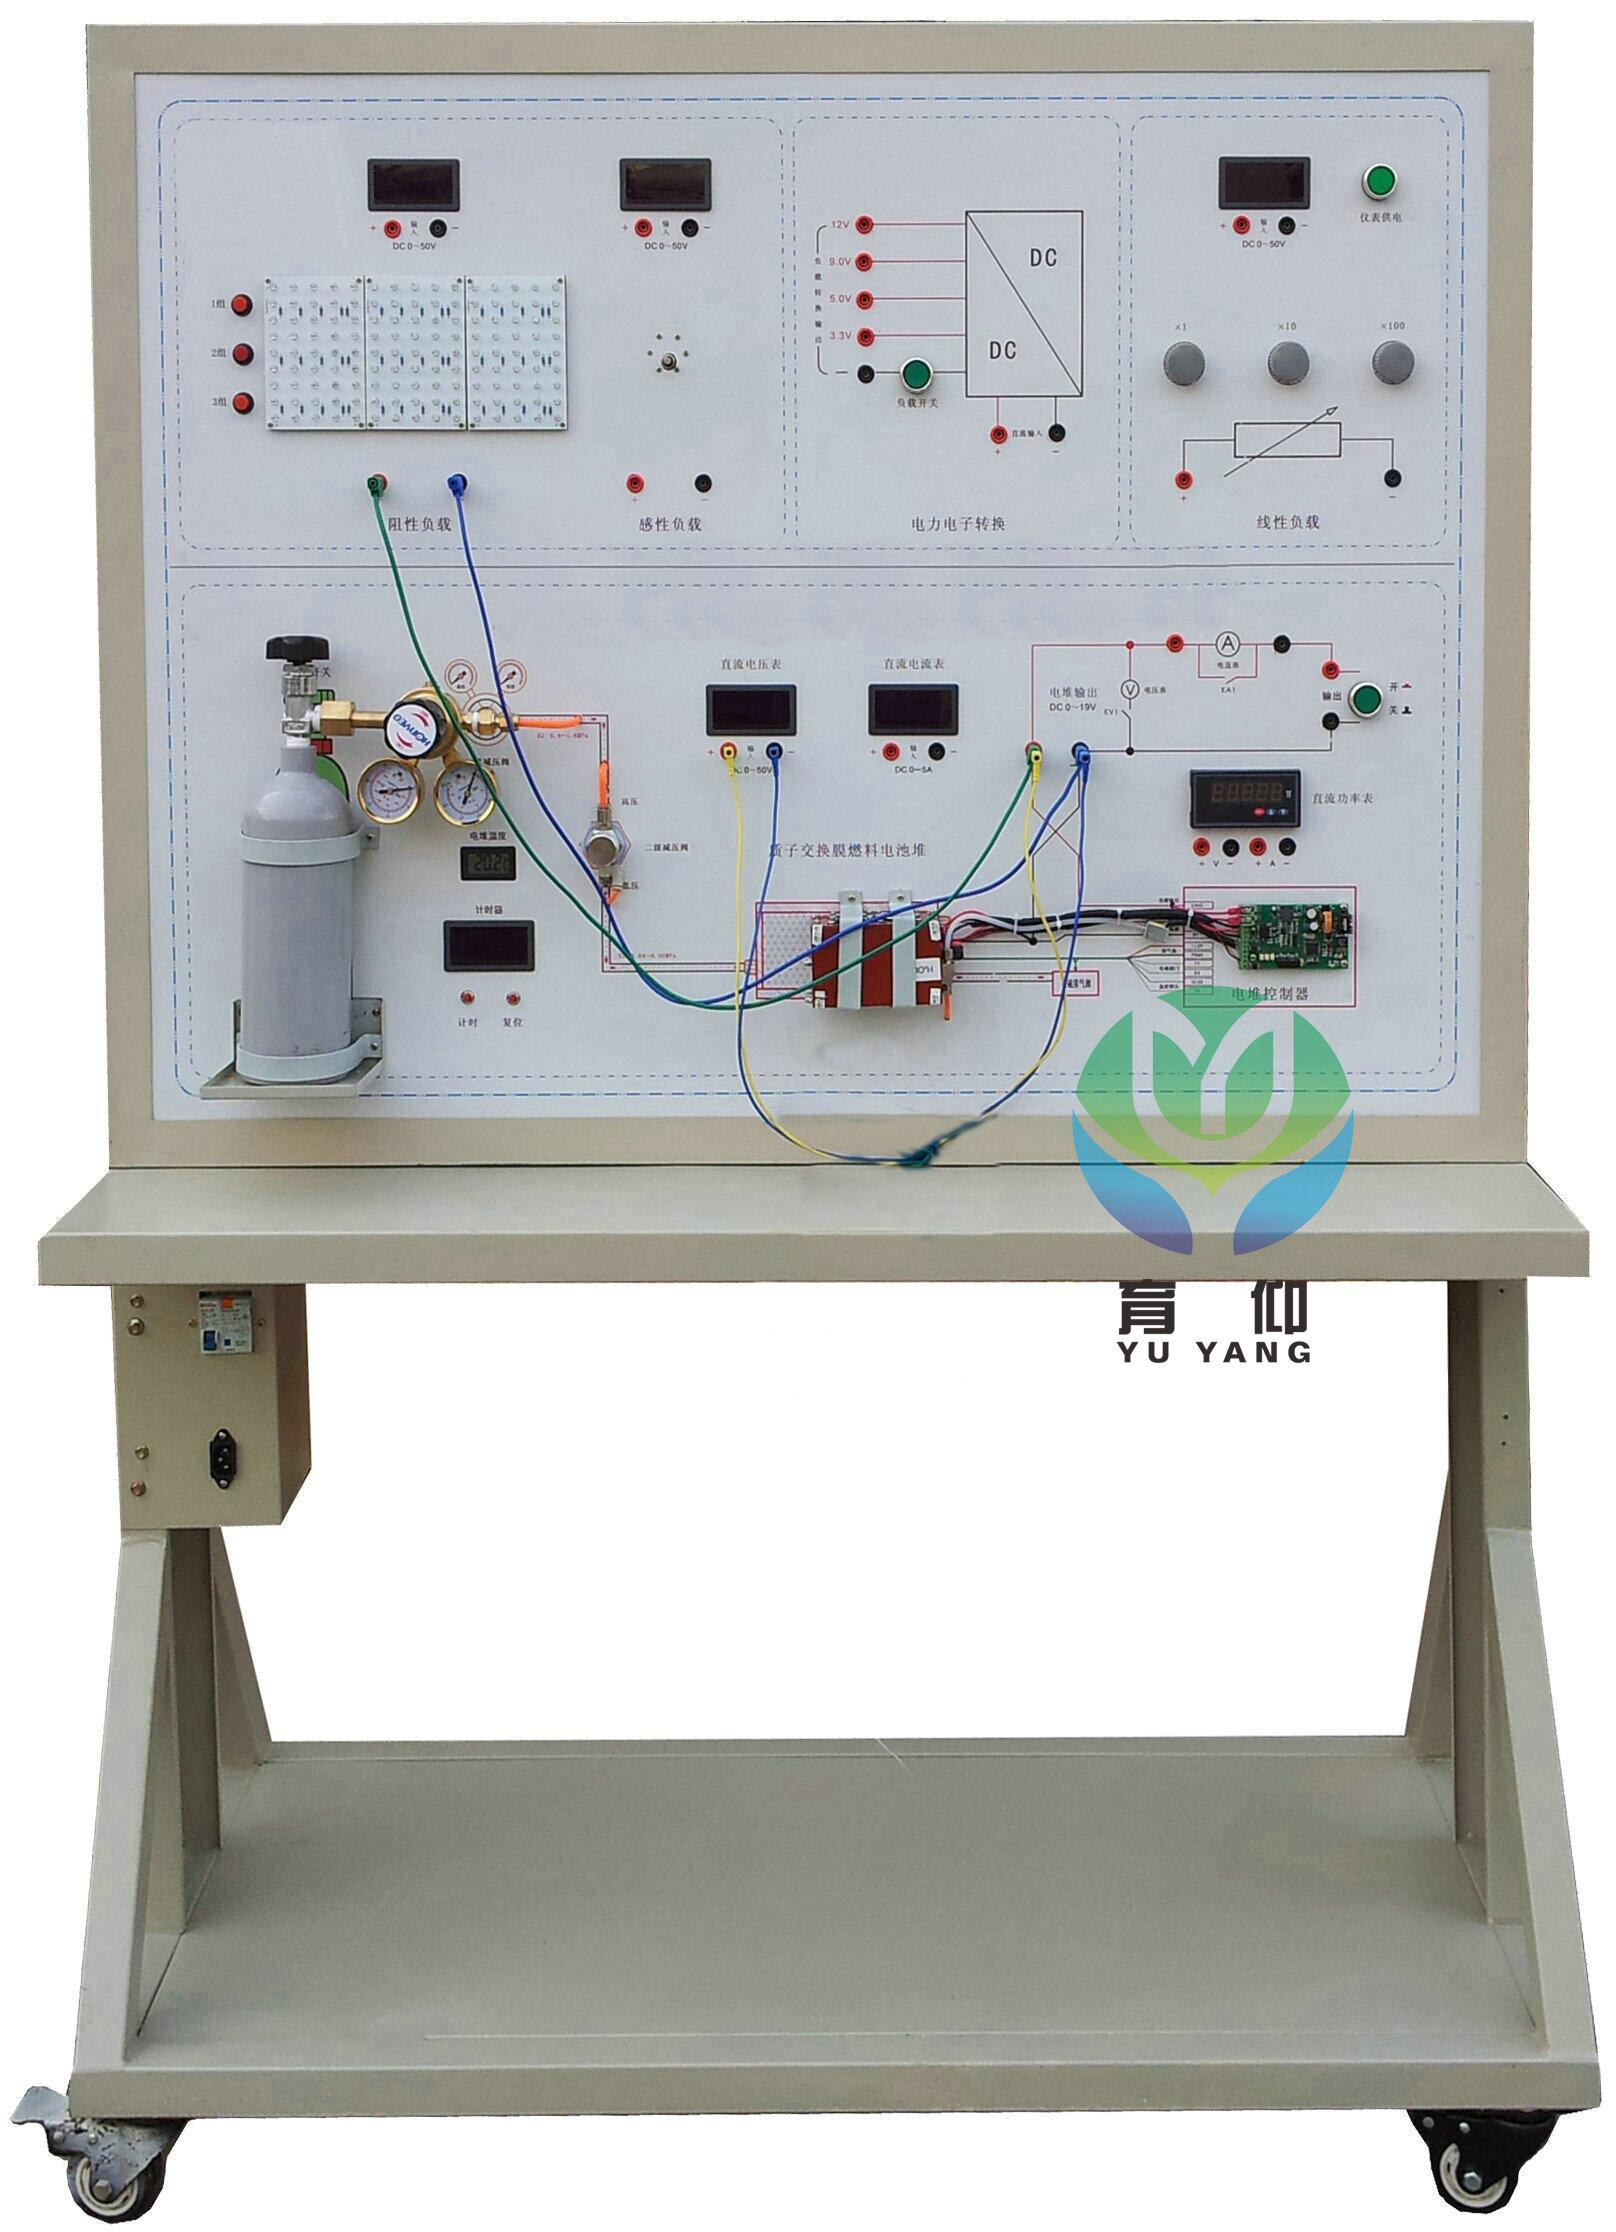 适用于汽车燃料电池(氢气)系统模块的结构与原理认